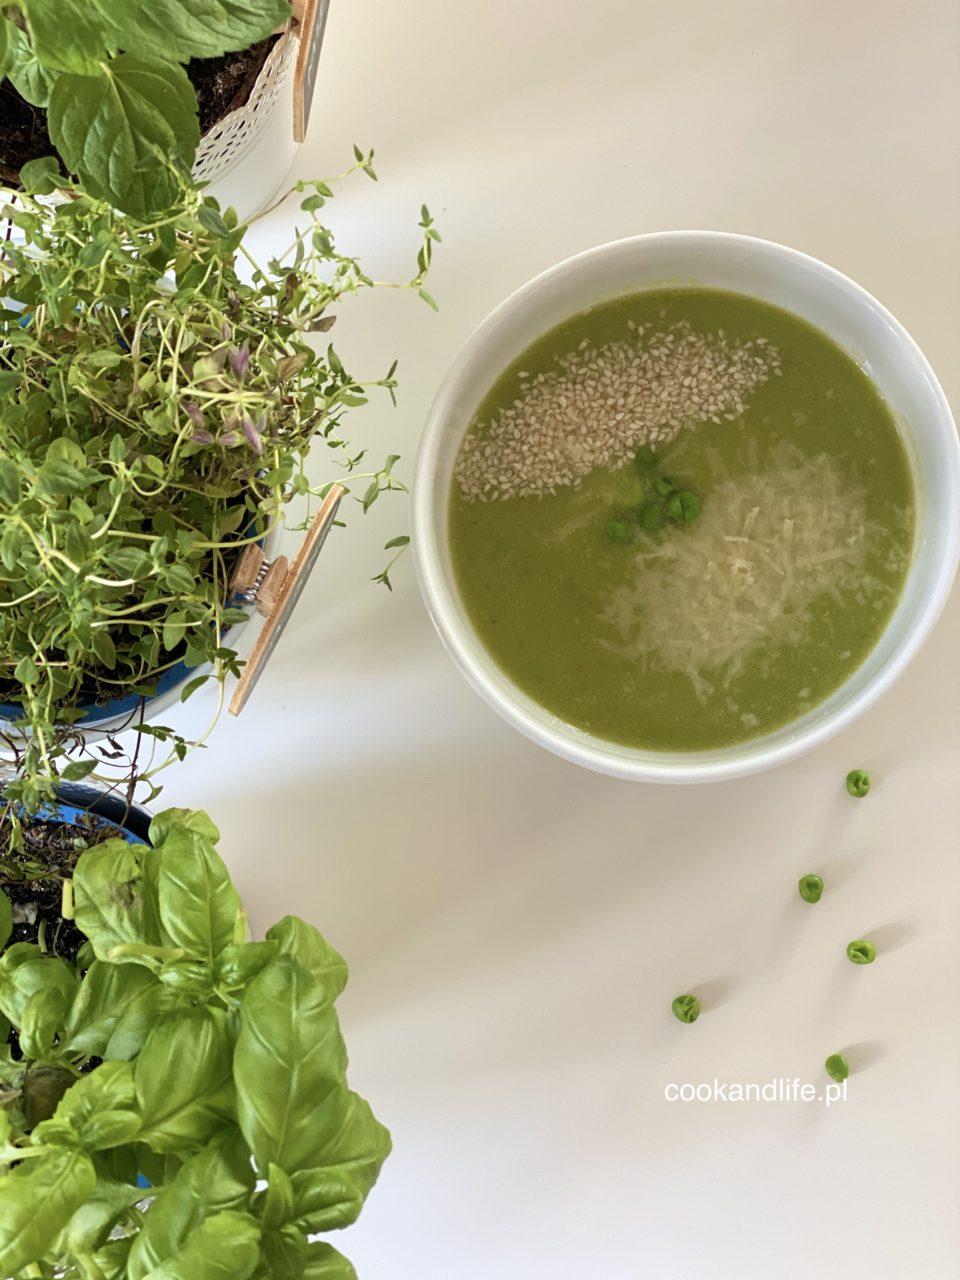 Zupa z groszku zielonego